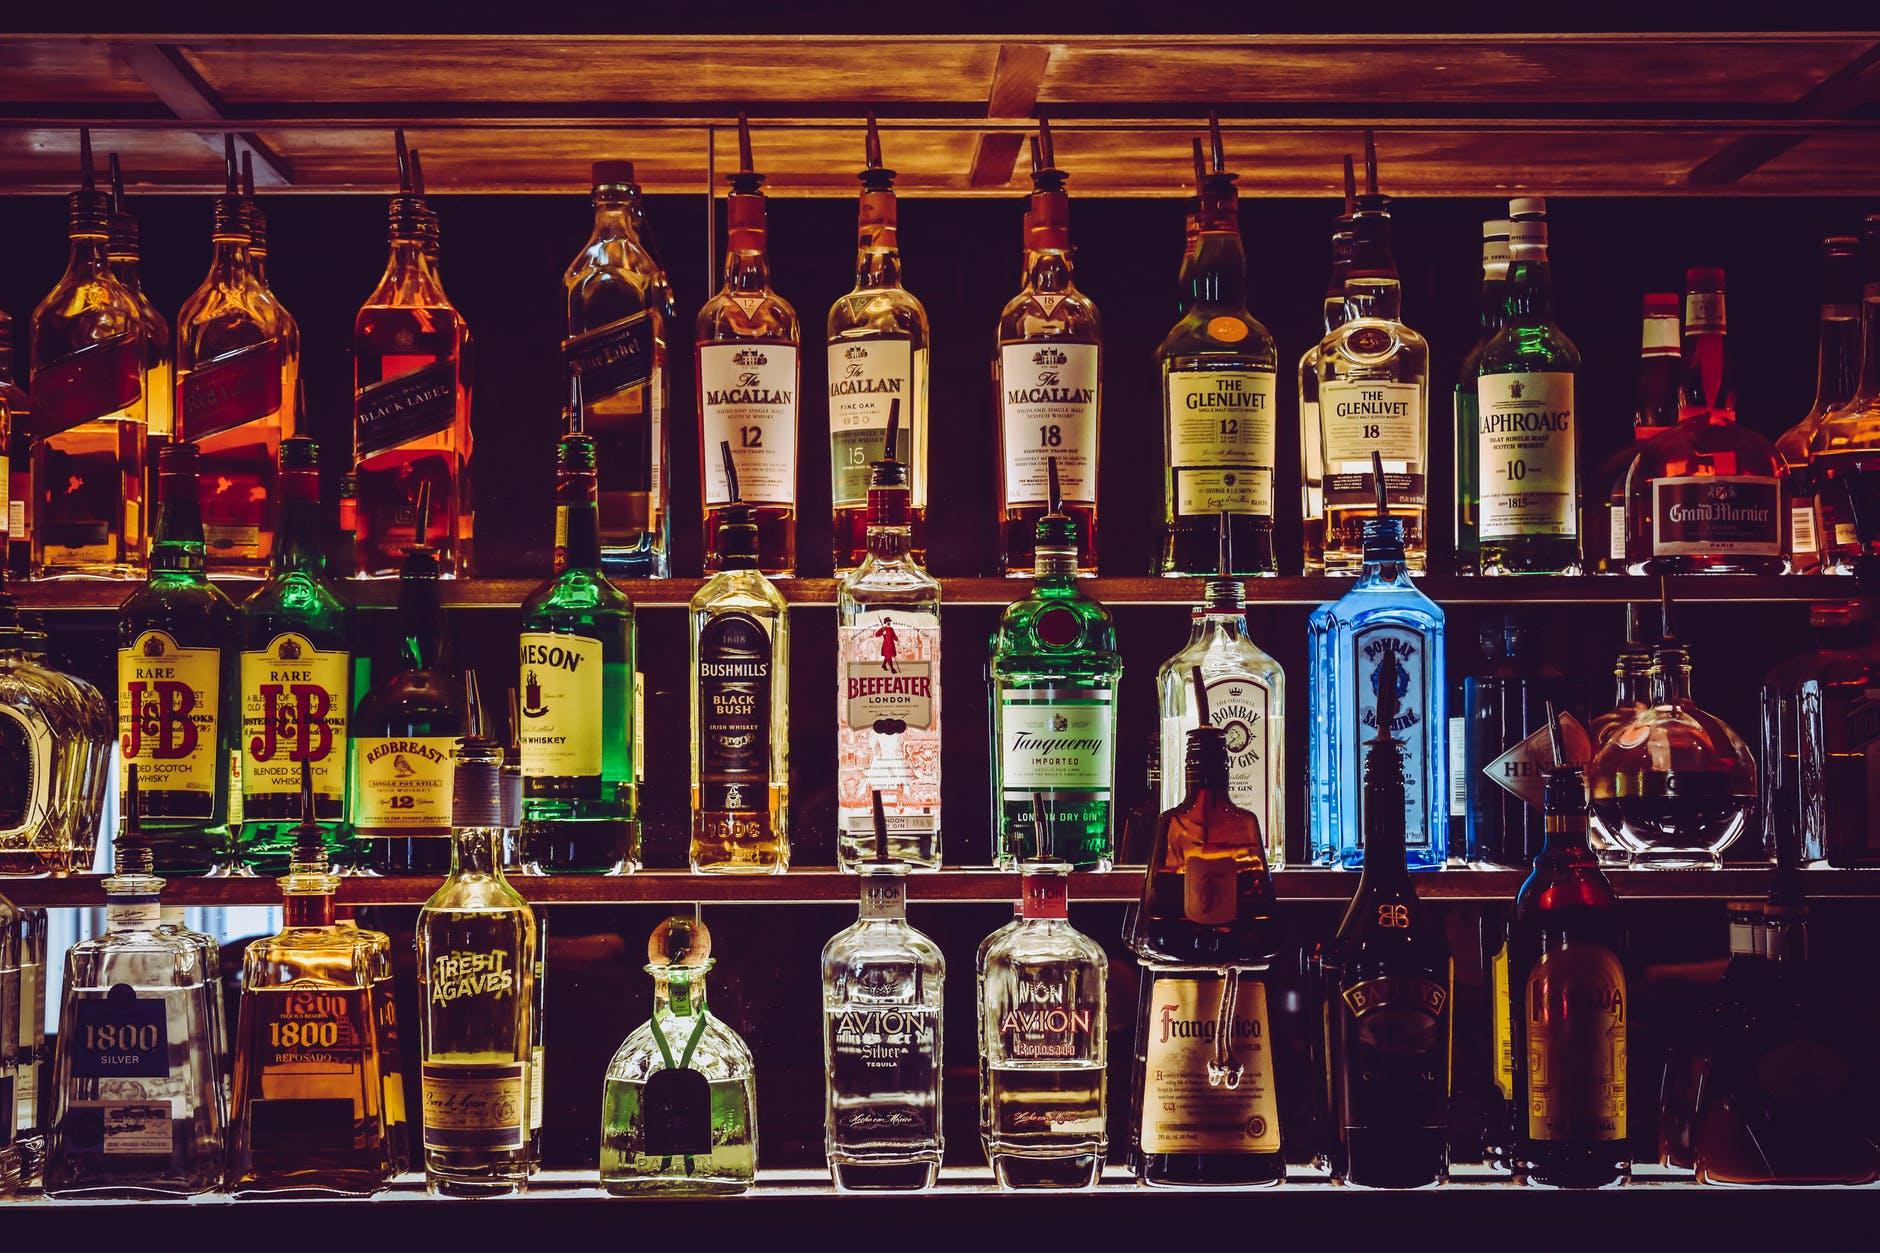 dieta chetogenica alcolica consentita